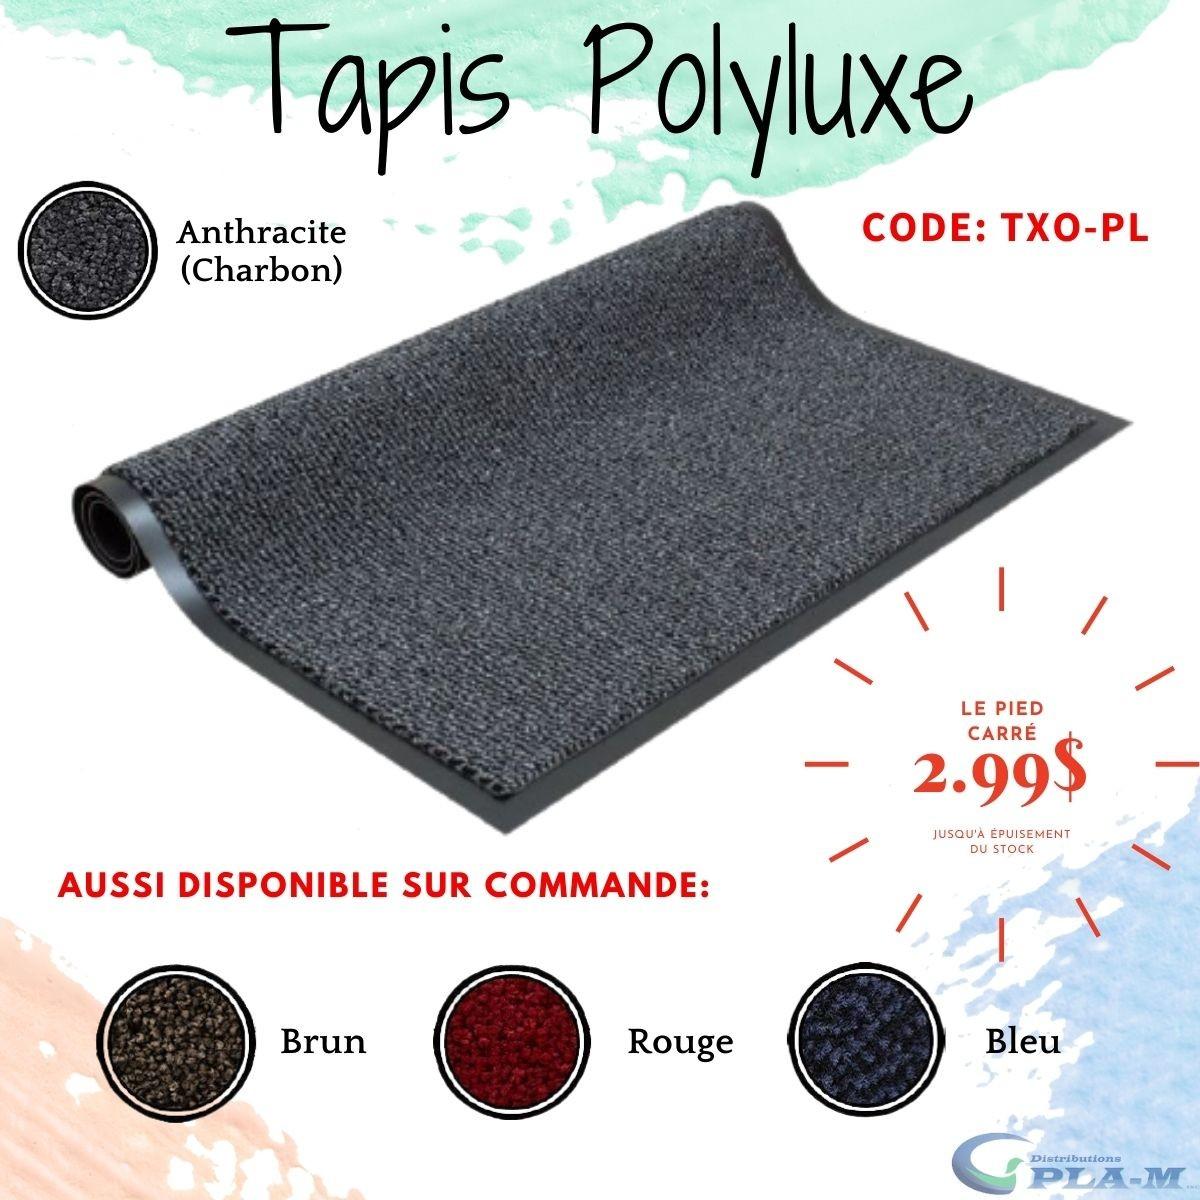 Promotions de tapis de fibres polypropylène avec endos de vinyle Polyluxe Distributions PlaM